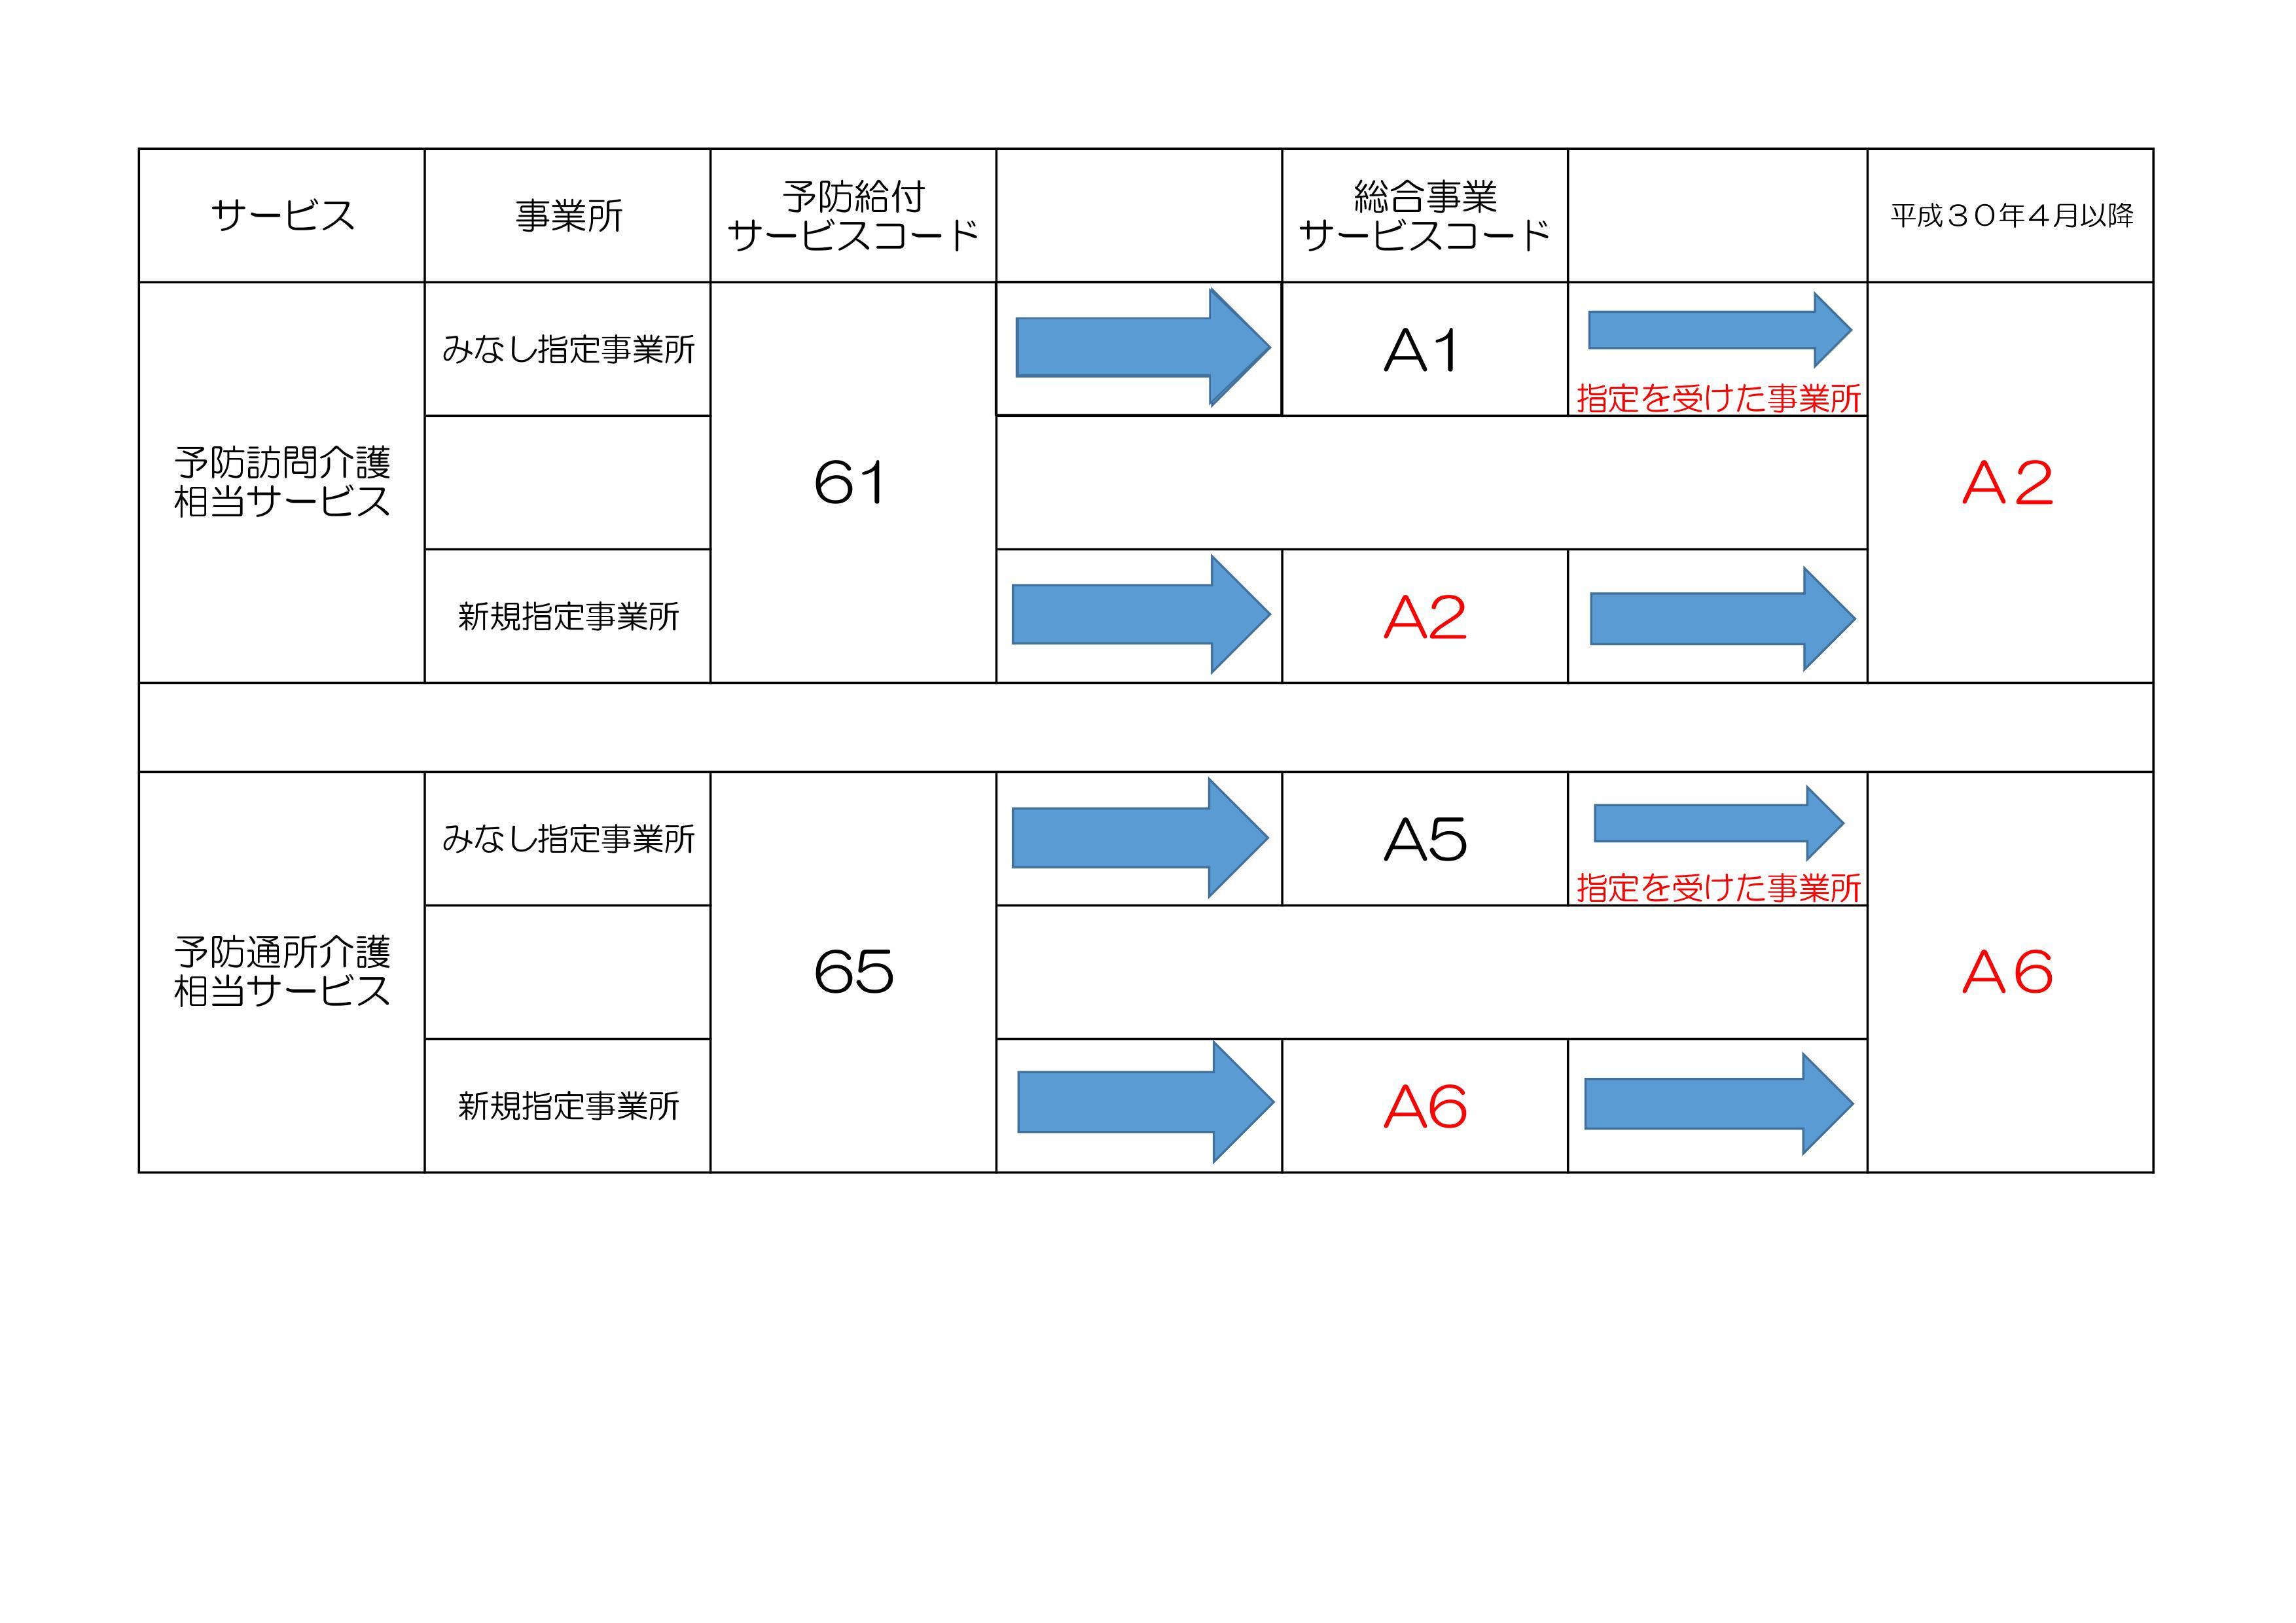 『サービスコード』の画像